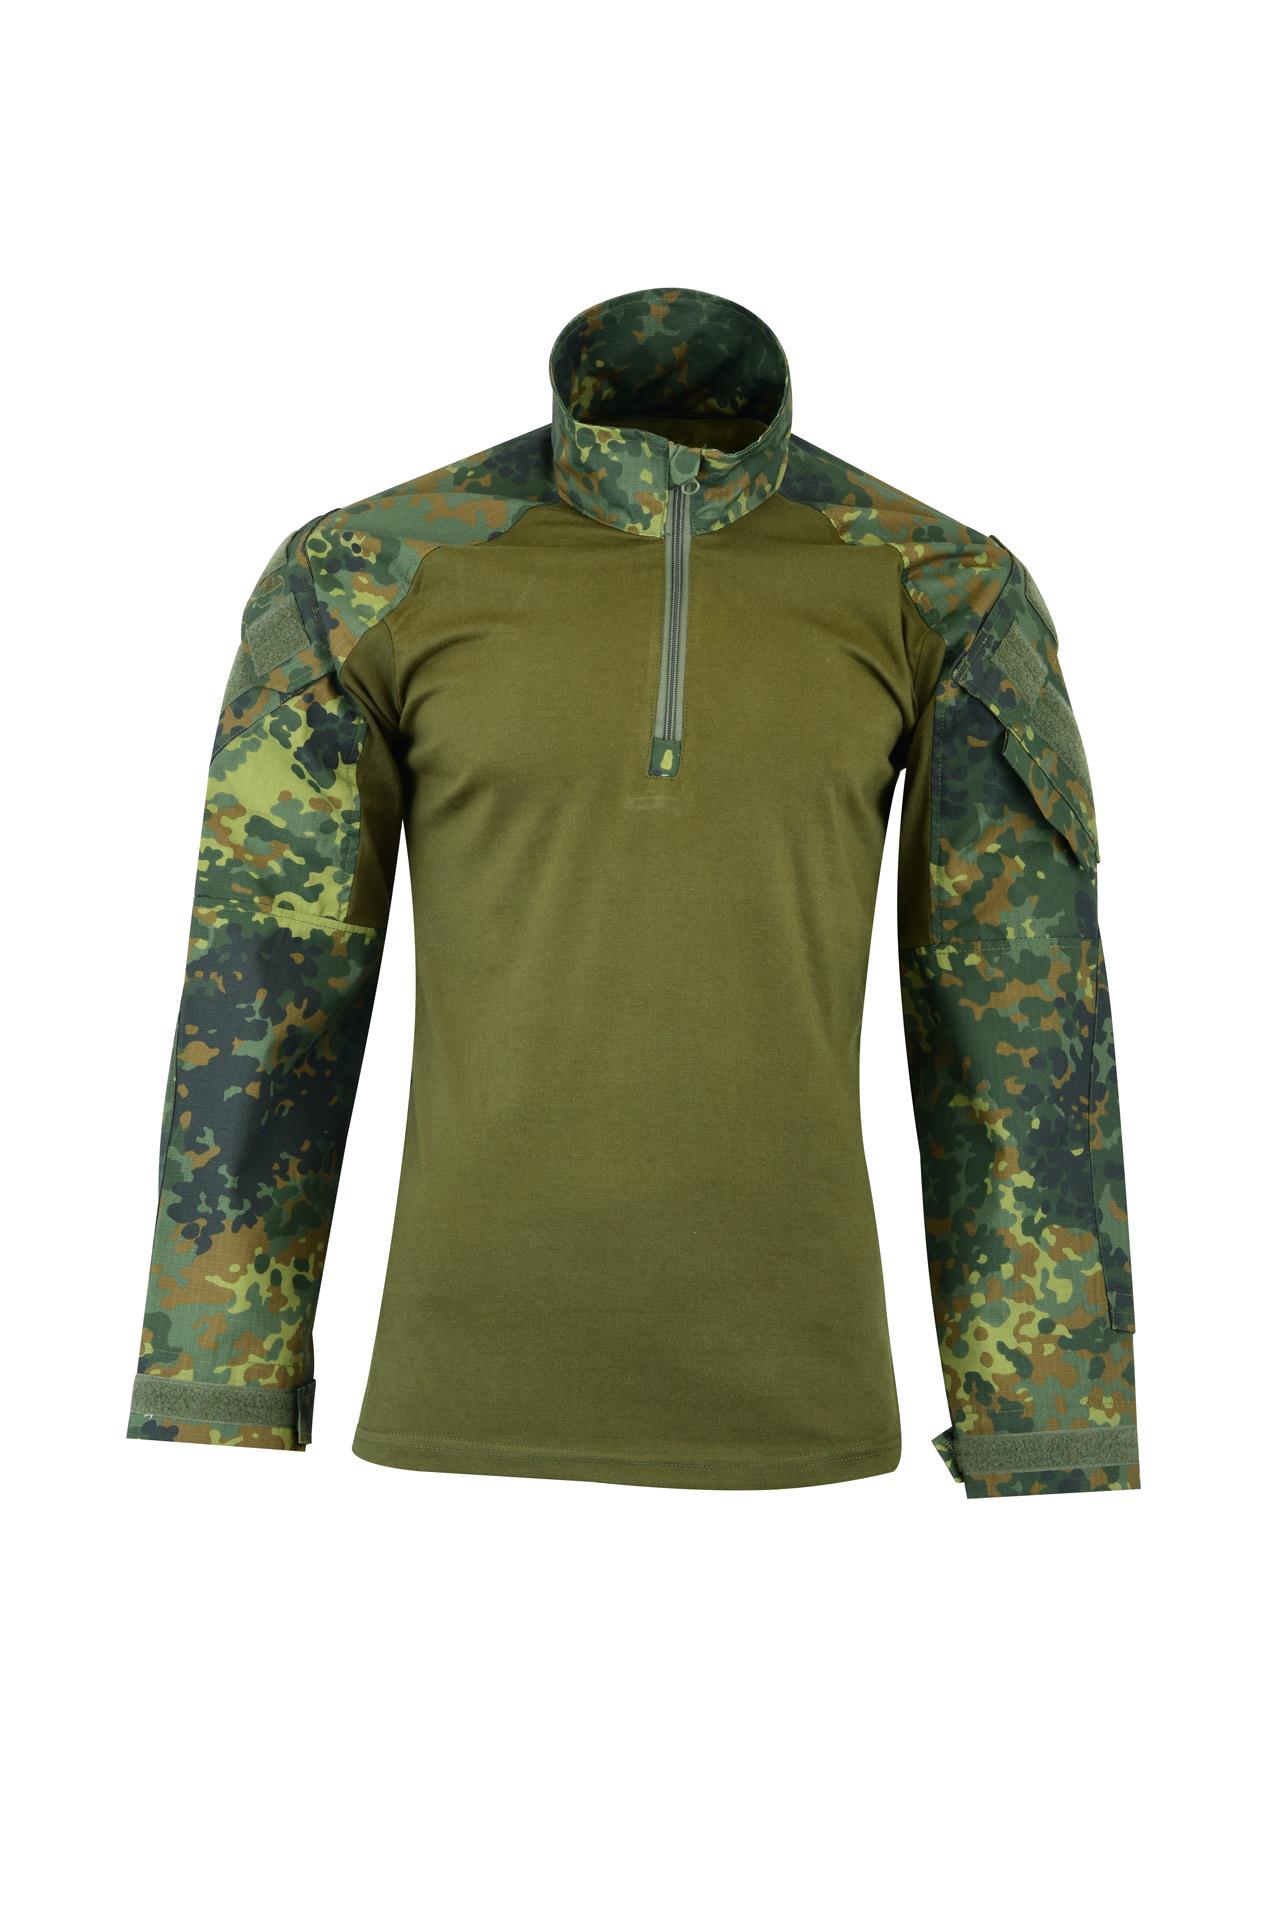 TRG SHS-3207 Hybrid Tactical shirt - flera färger/ mönster